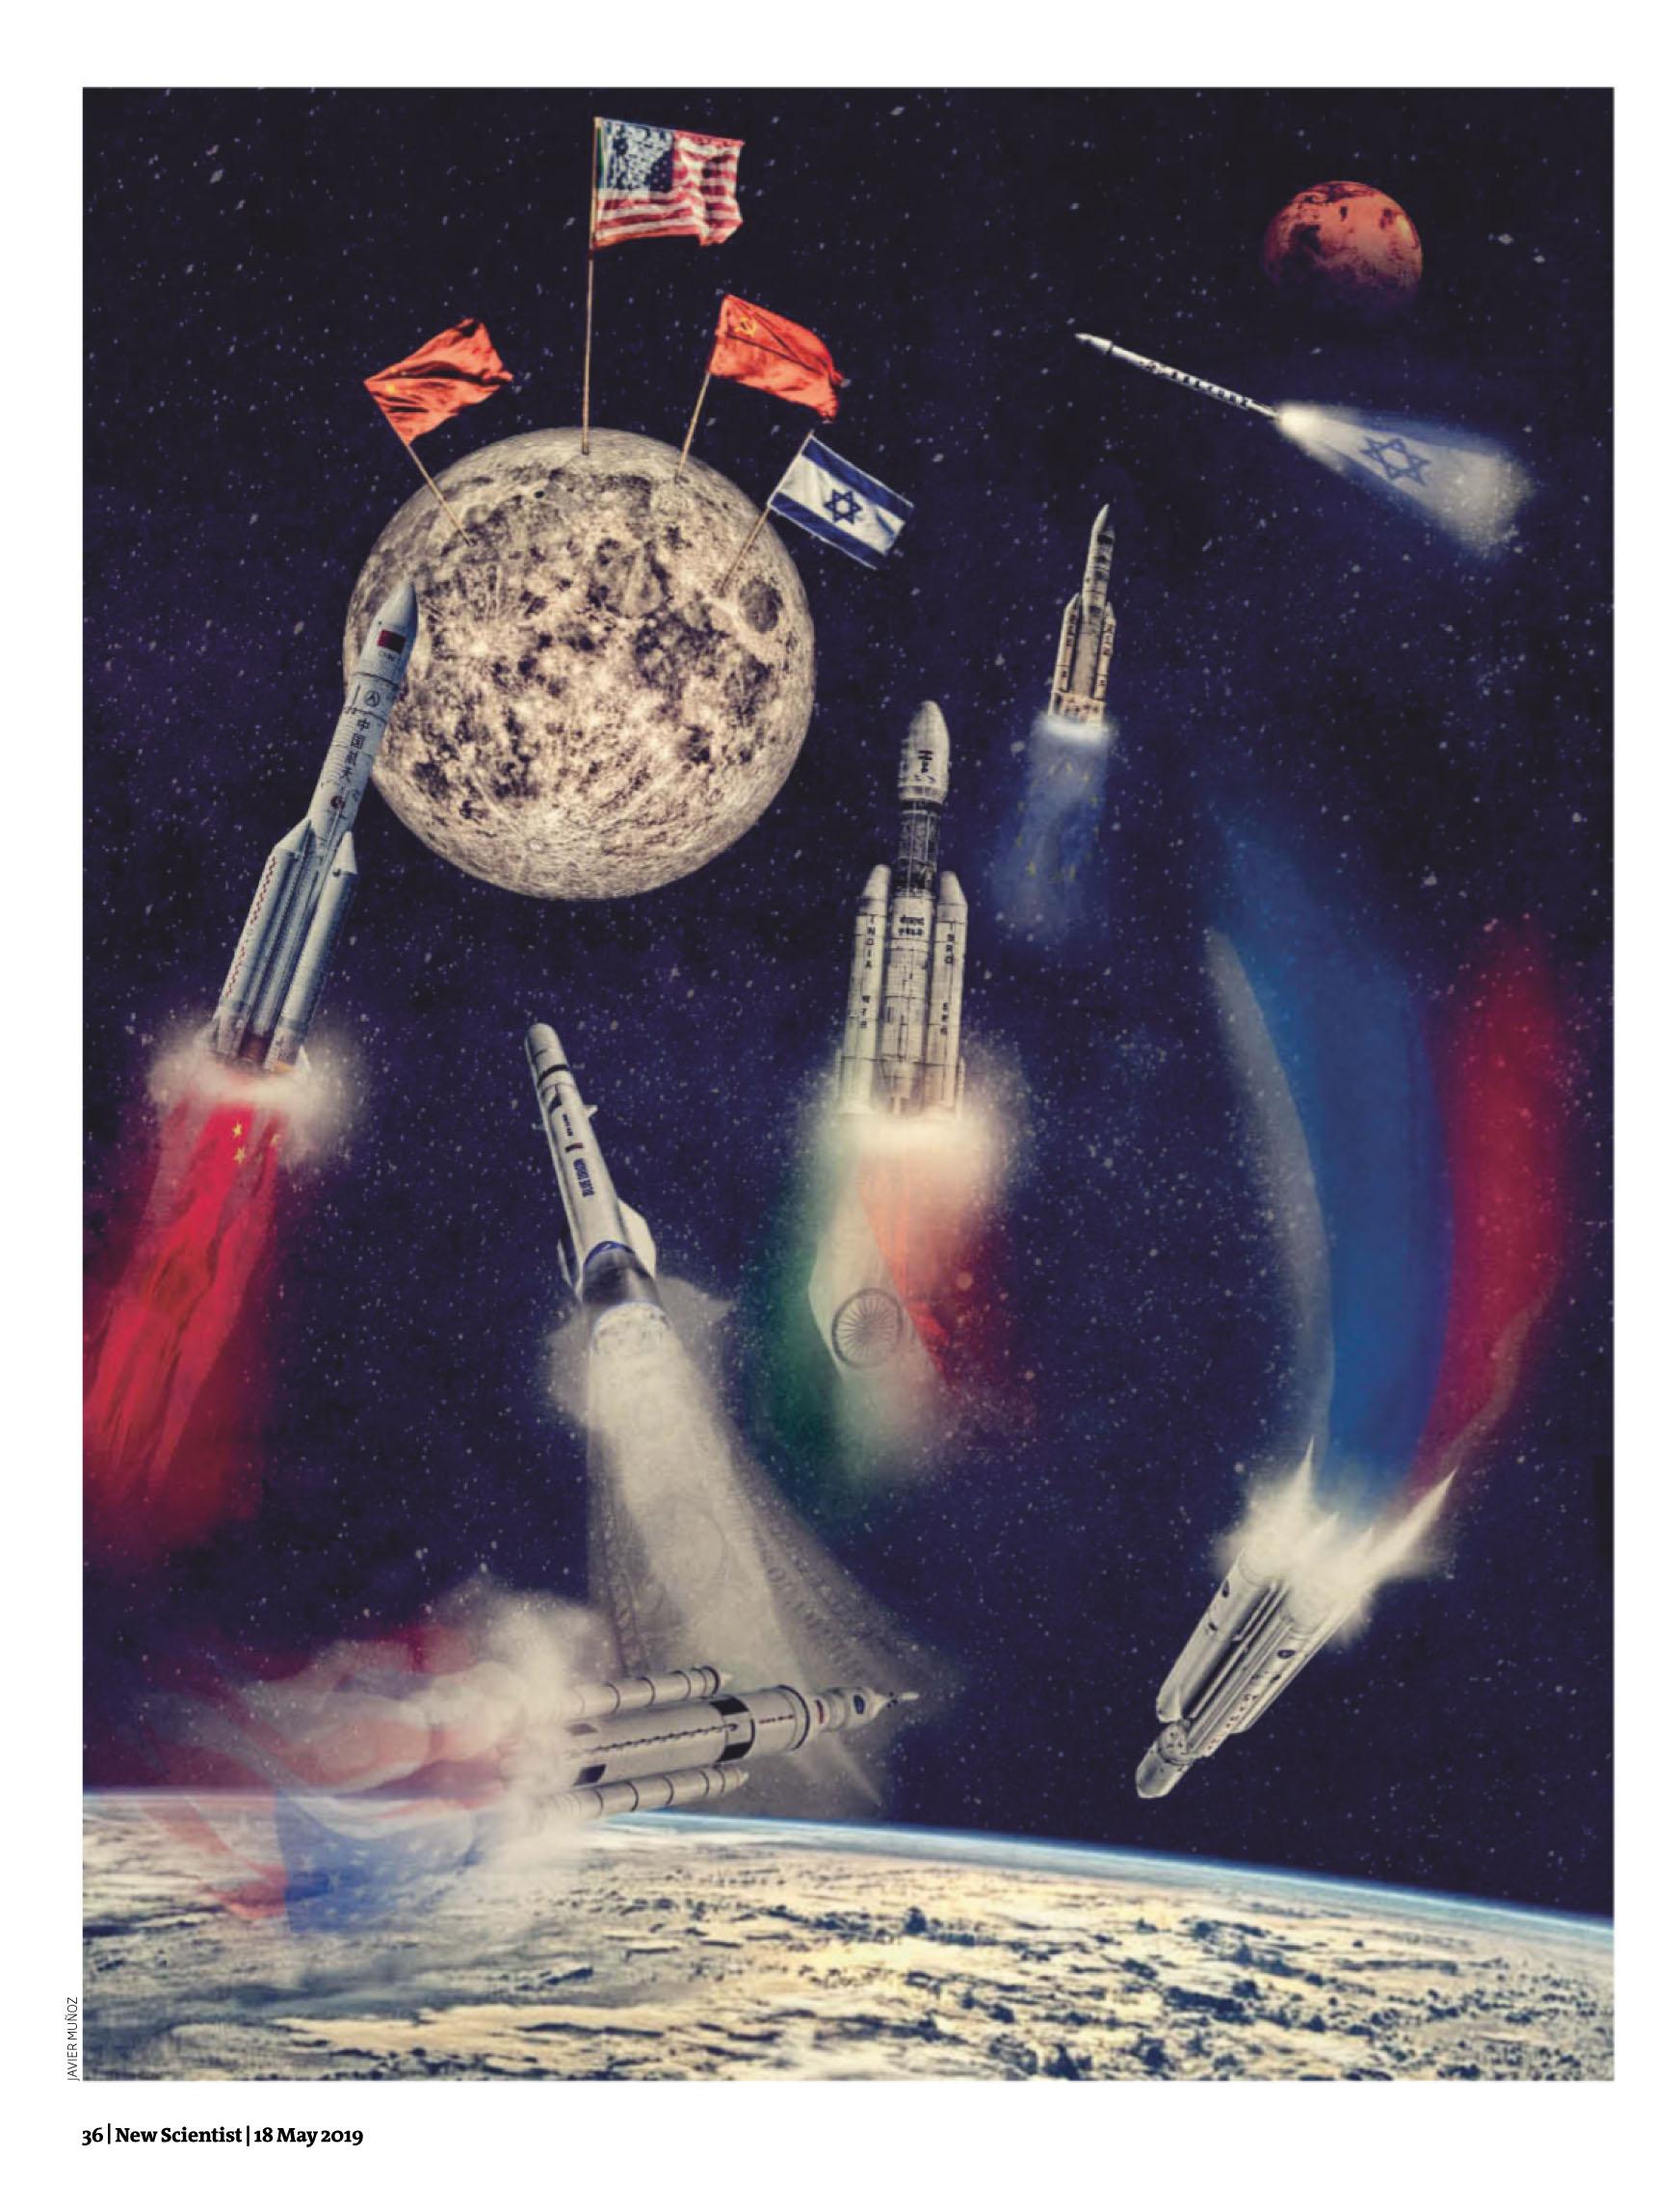 New Scientist 2019-05-18 Space-2.jpg